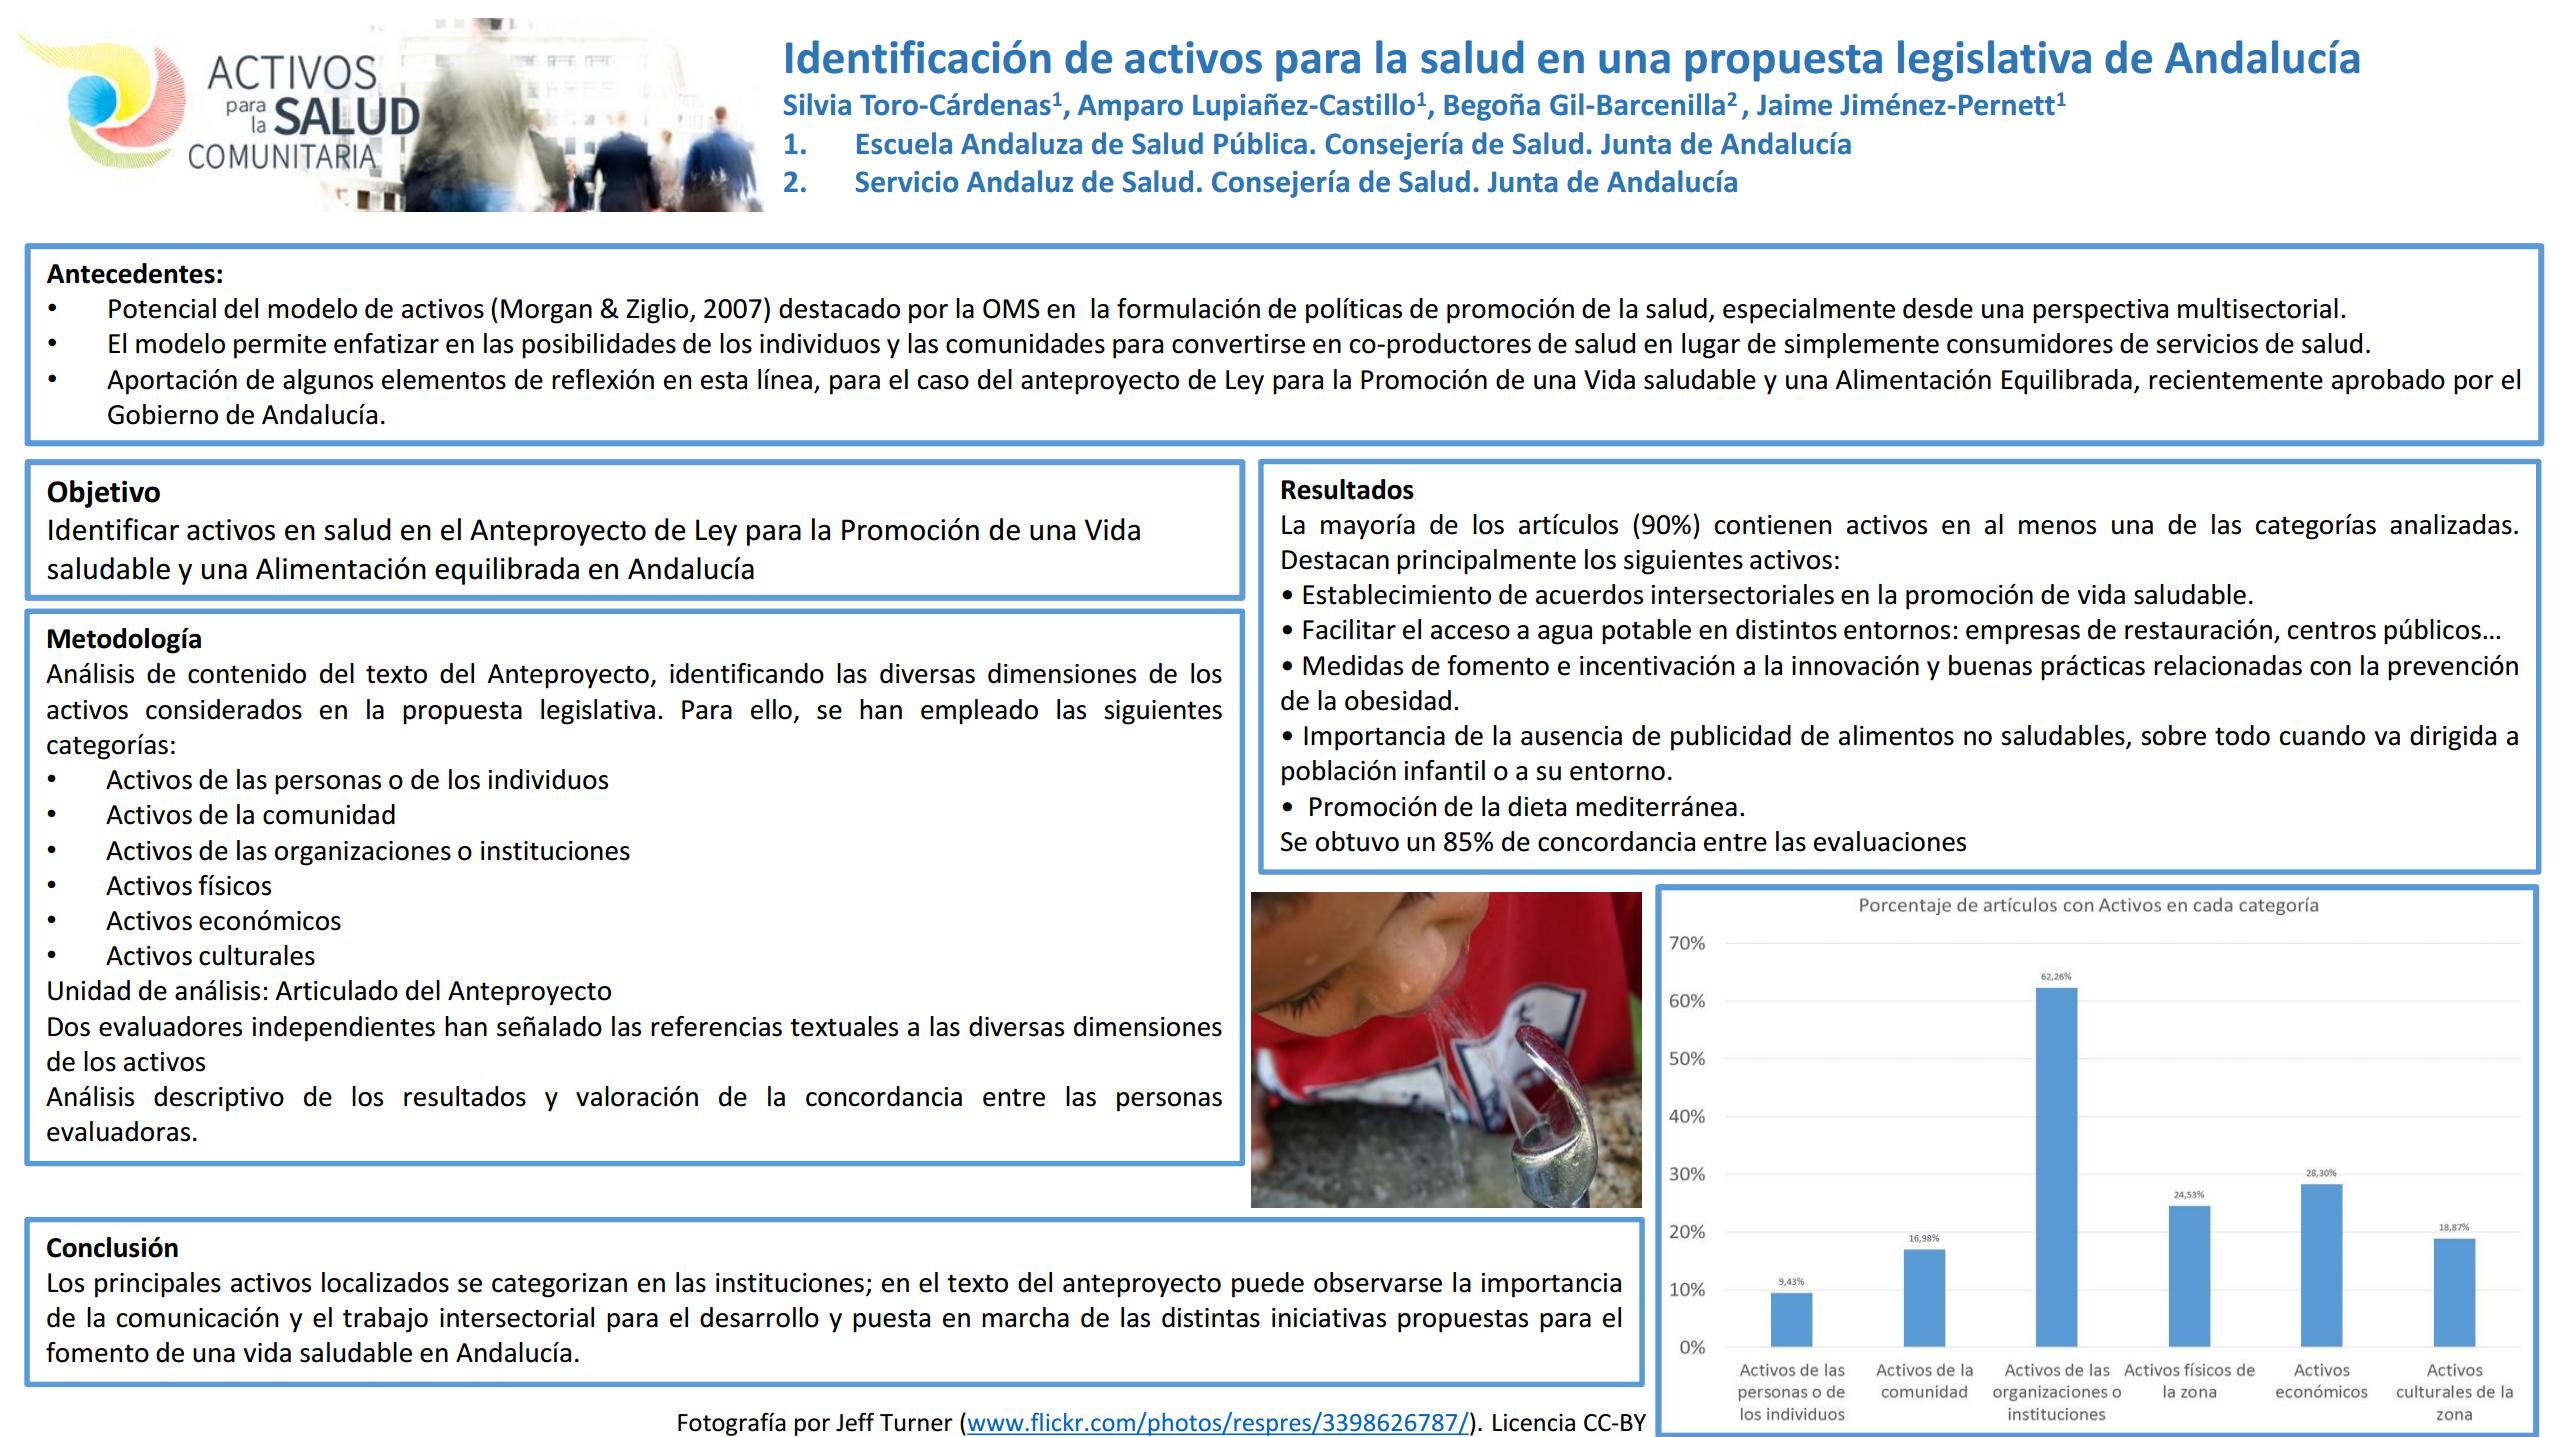 Identificación de activos para la salud en una propuesta legislativa de Andalucía